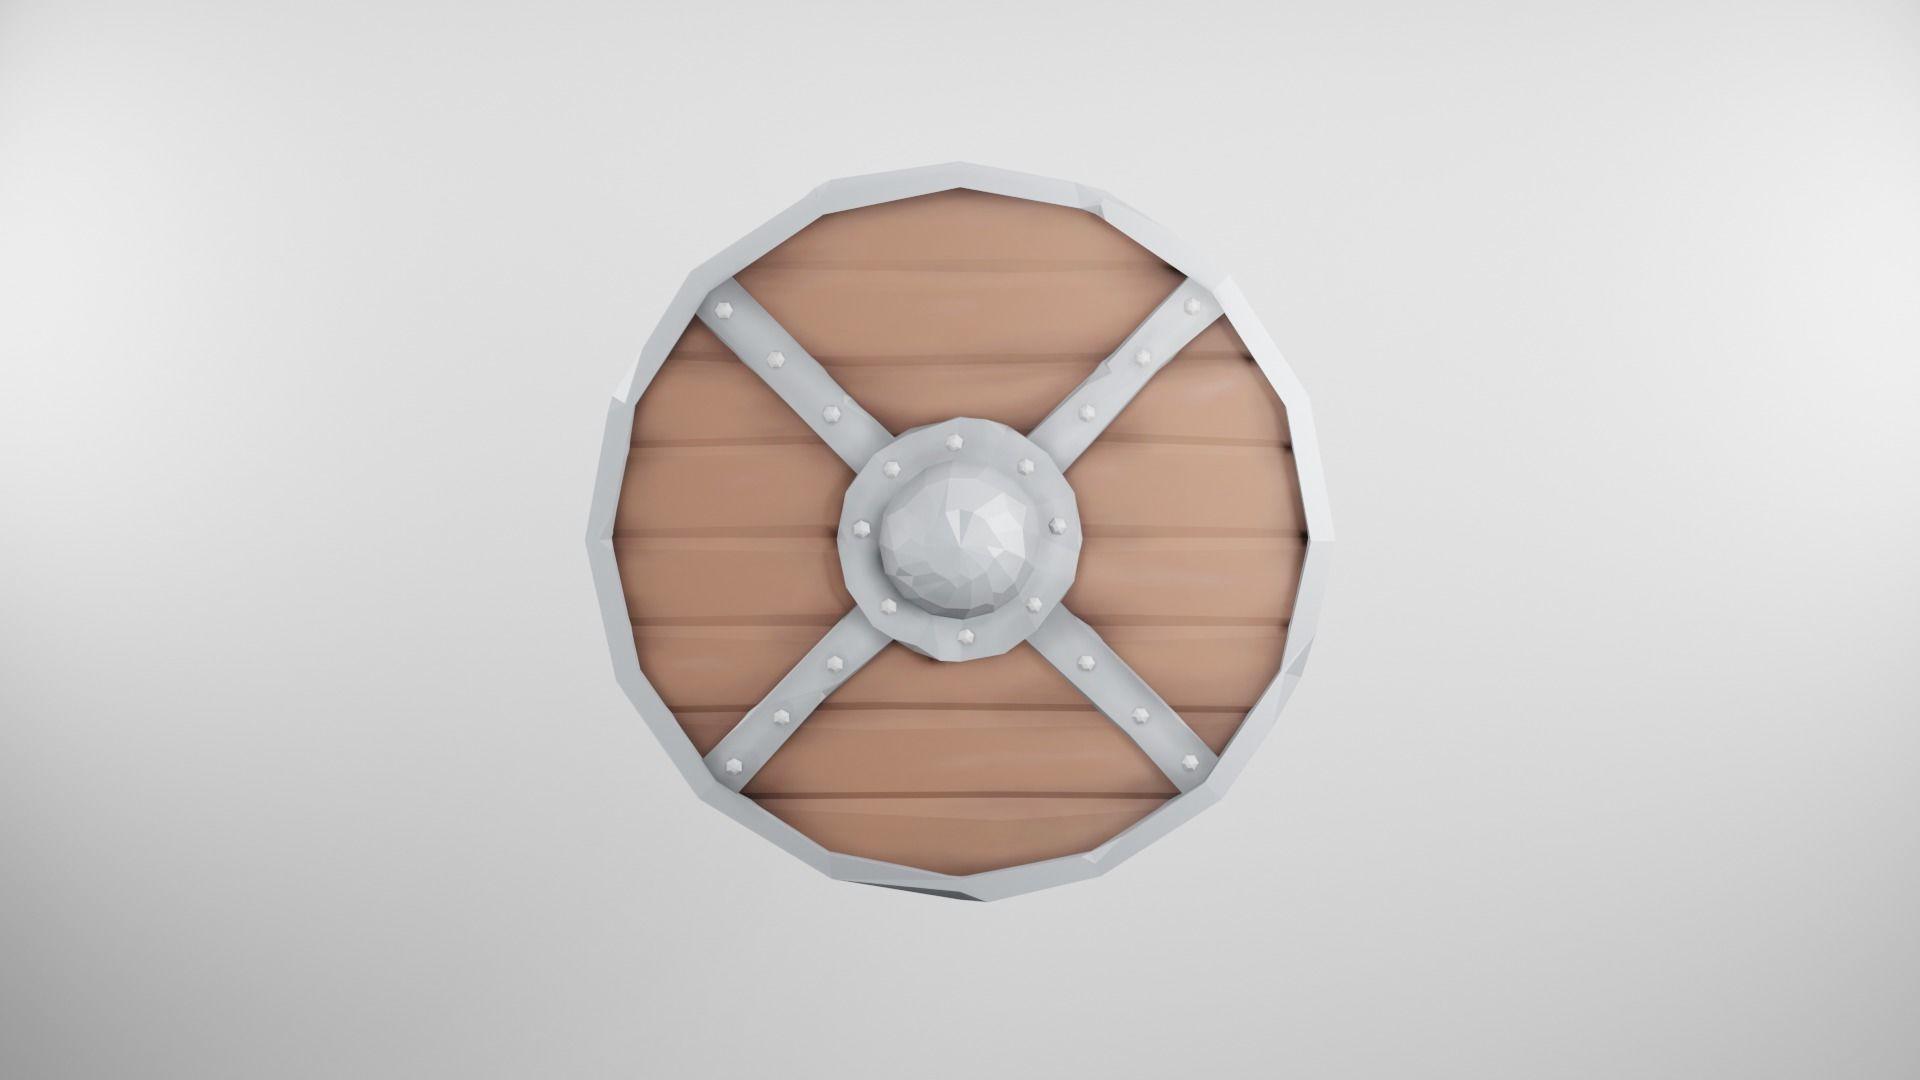 Viking Shield Stylized